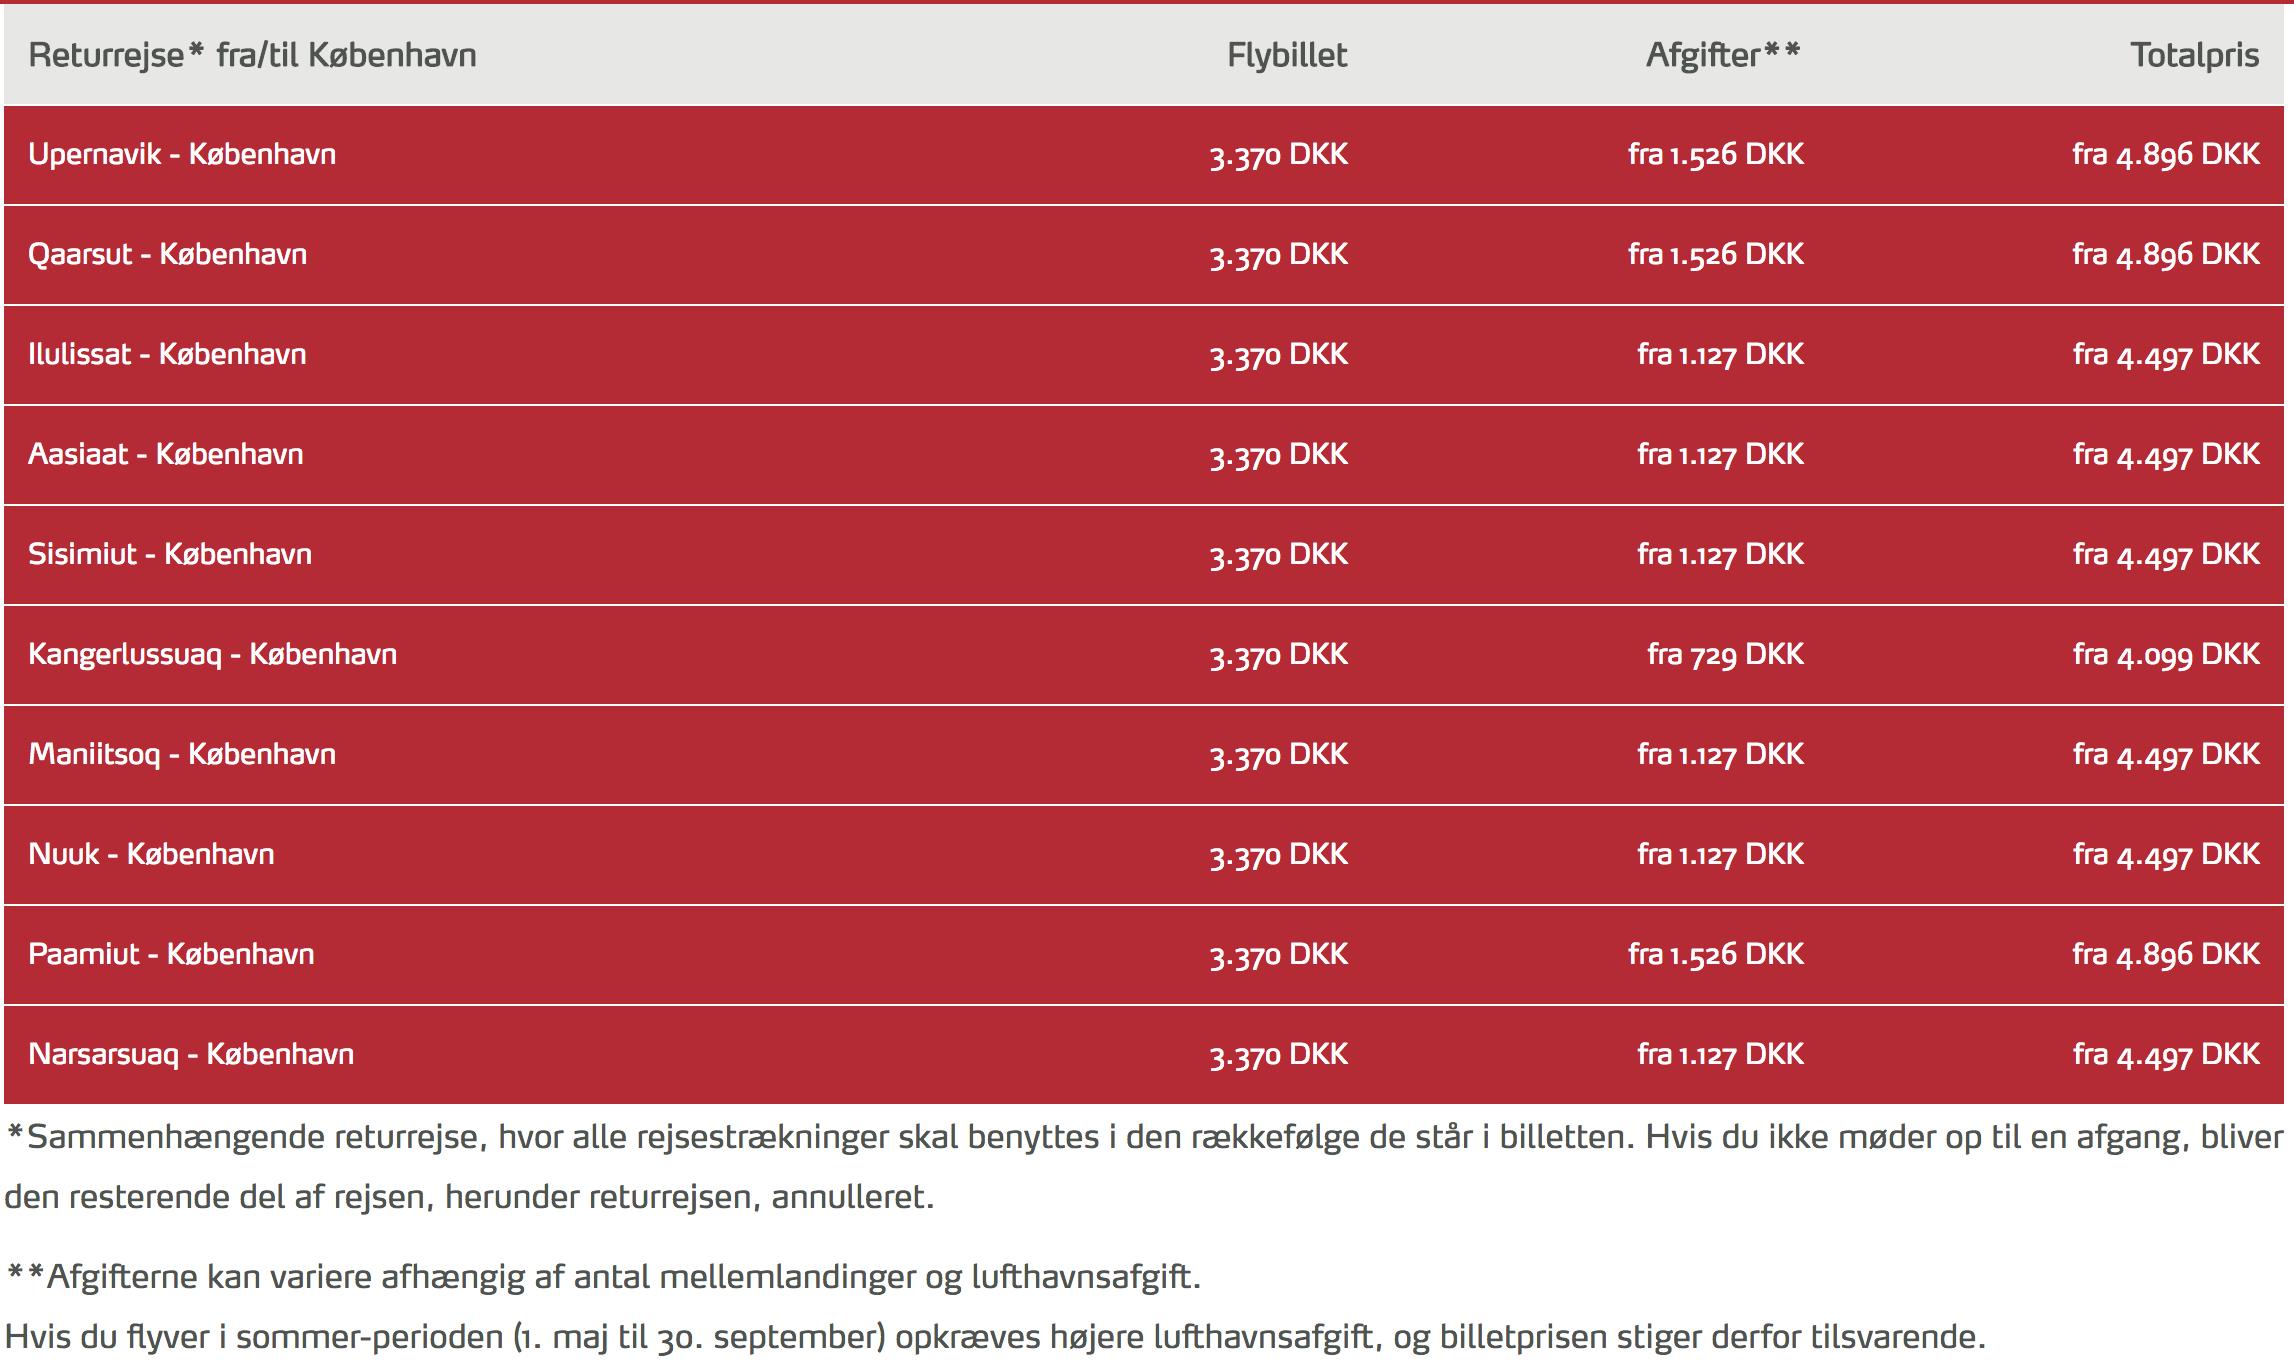 Kampagne: Flyv billigt til Grønland - FinalCall.travel Danmark